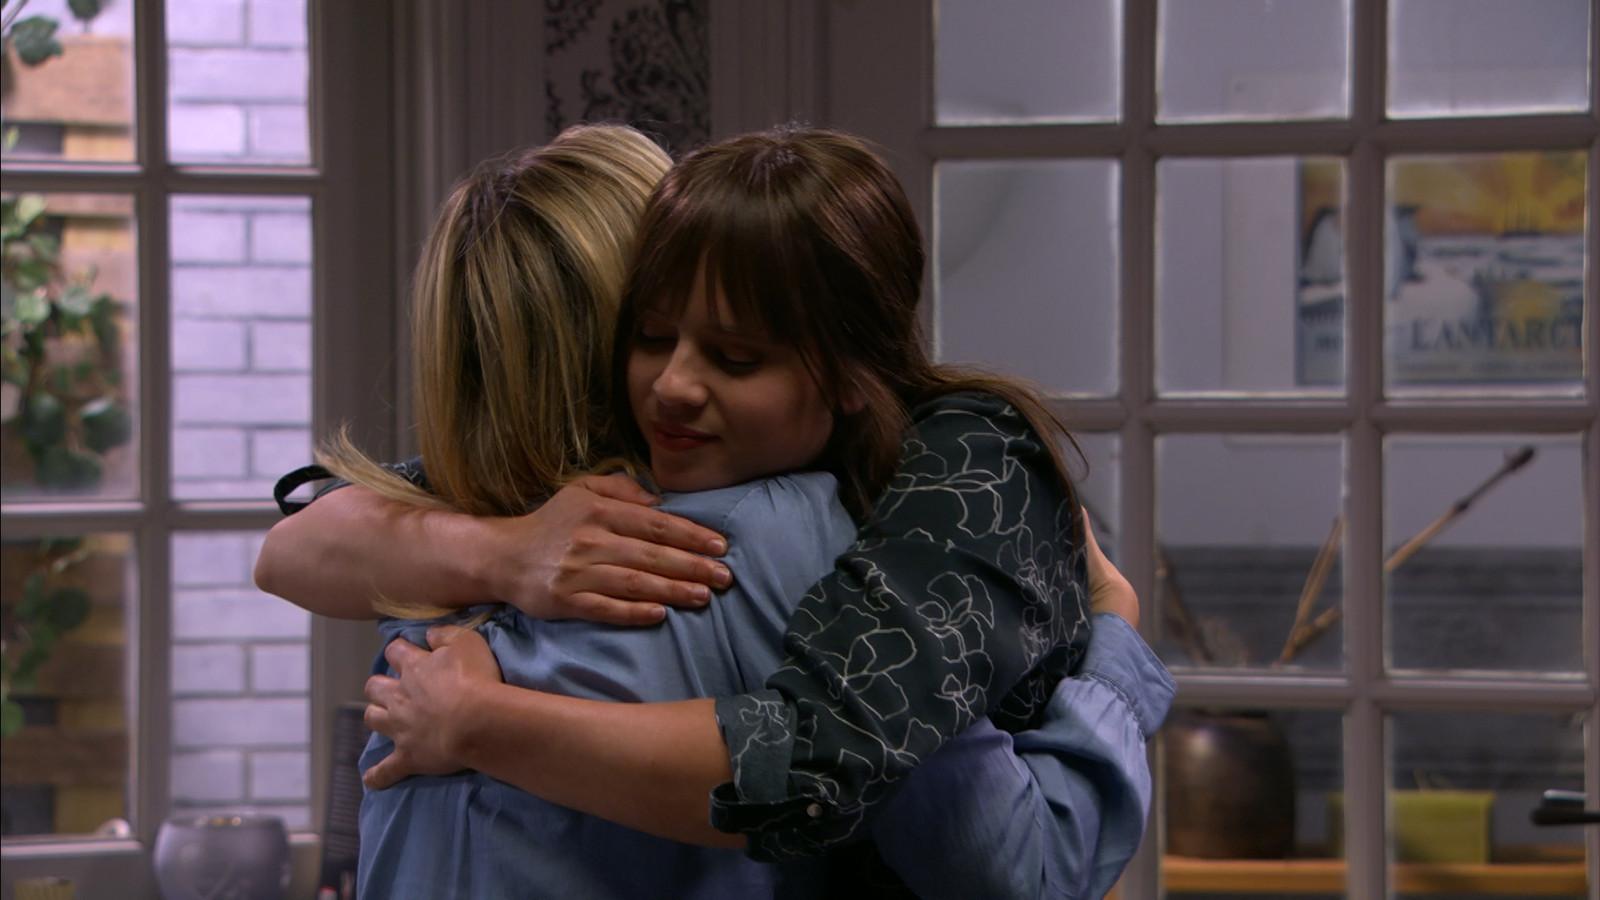 Nog een dikke knuffel van Tamara en Olivia kan vertrekken.